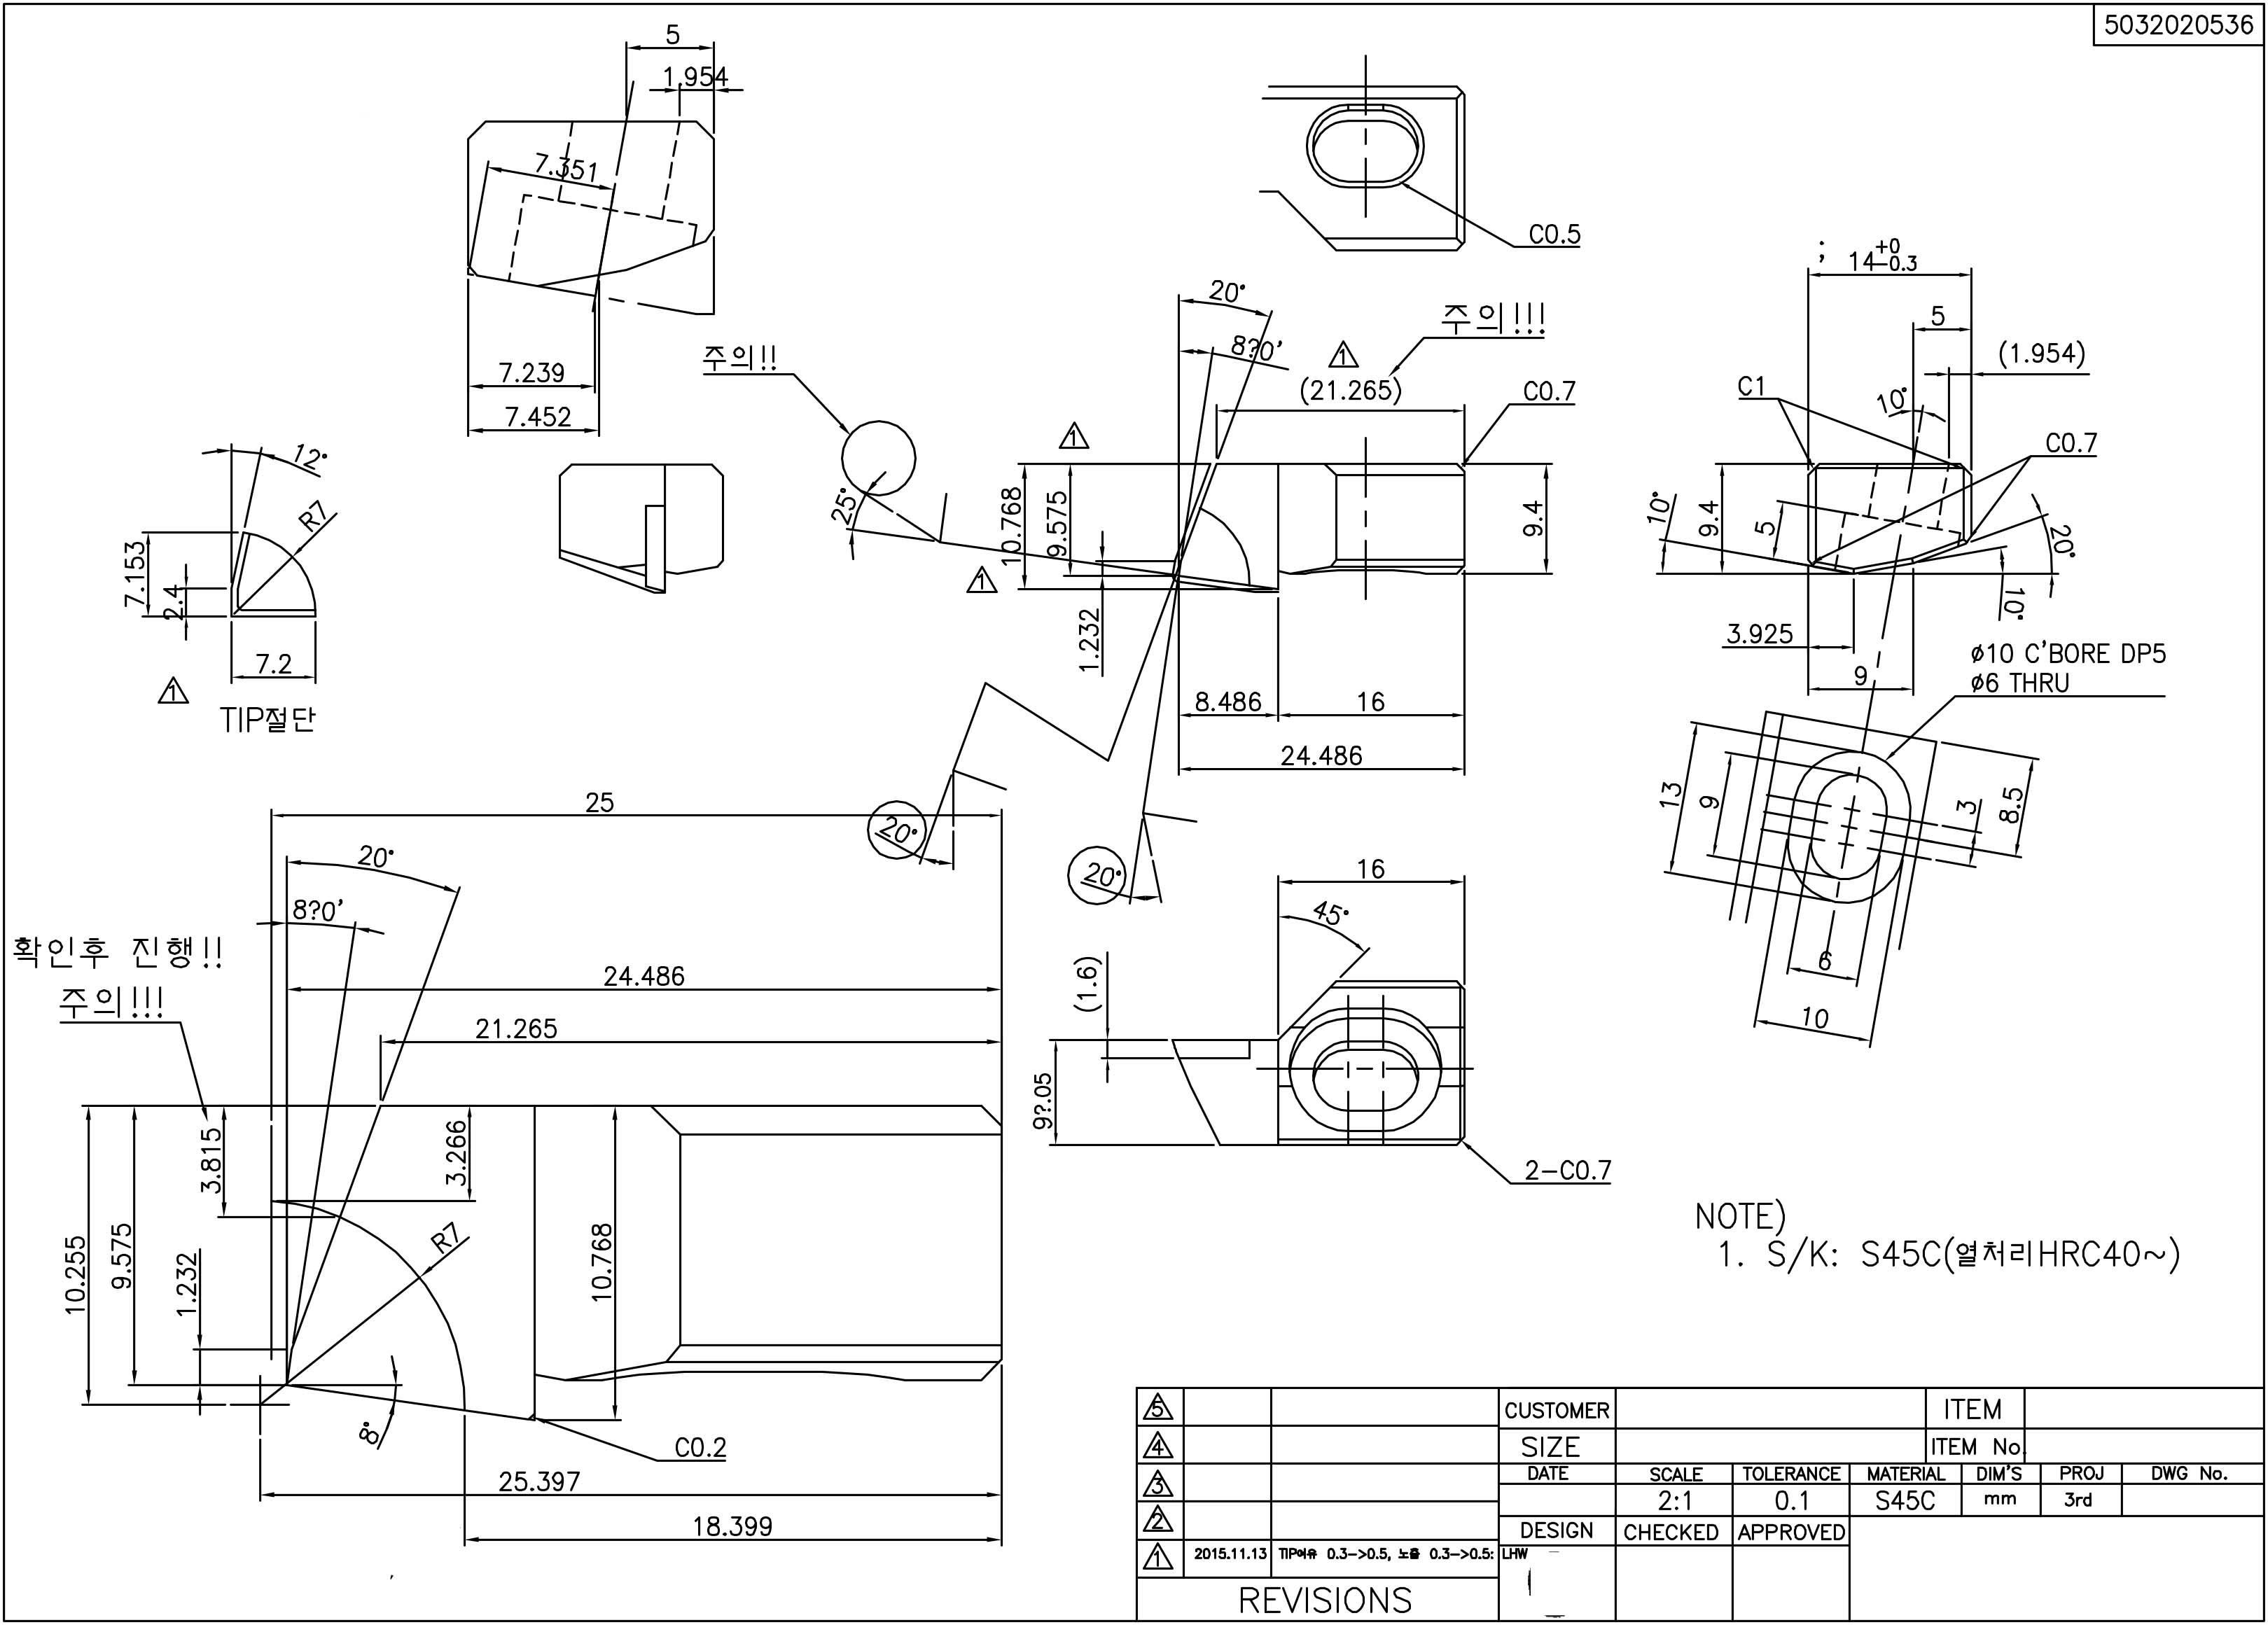 S45C MACHINING PART